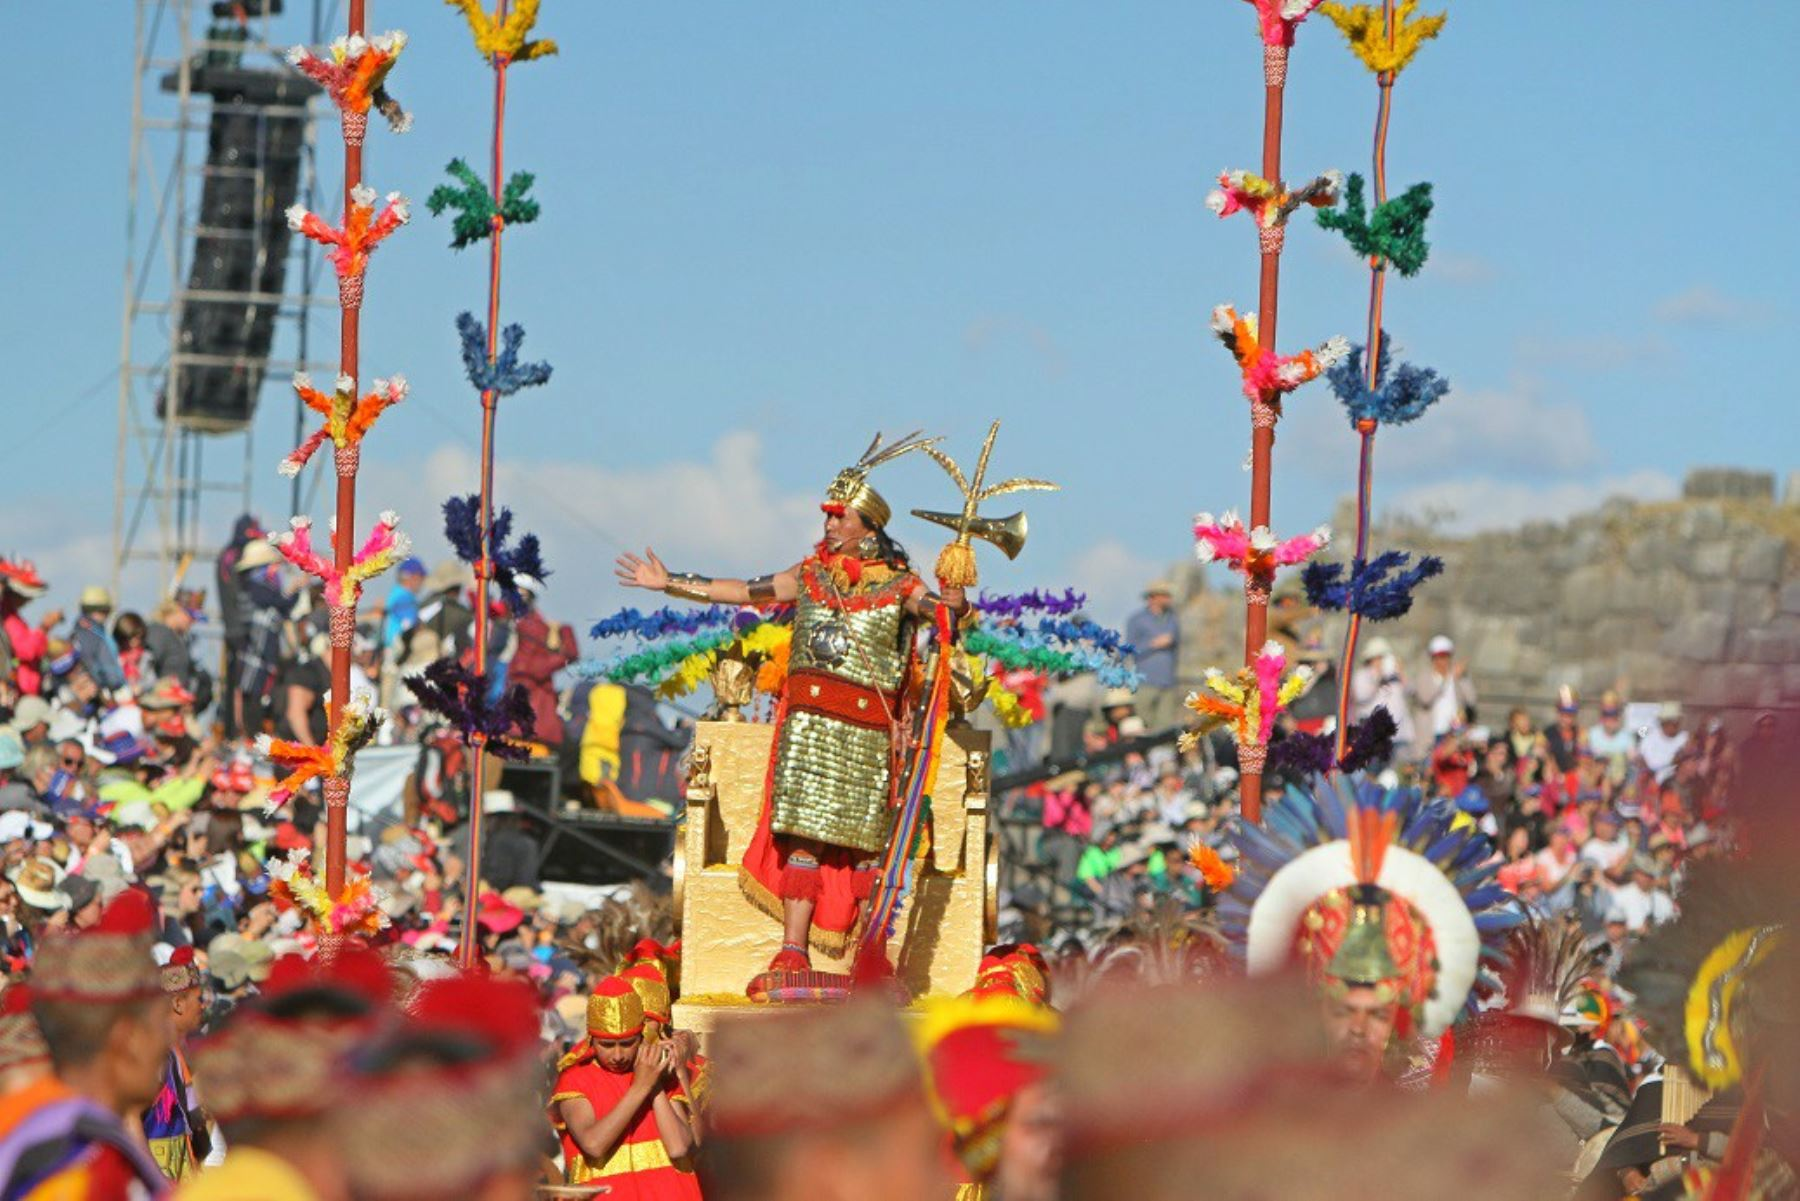 Escenificación del Inti Raymi 2019, en Cusco, será con responsabilidad ambiental. ANDINA/Percy Hurtado